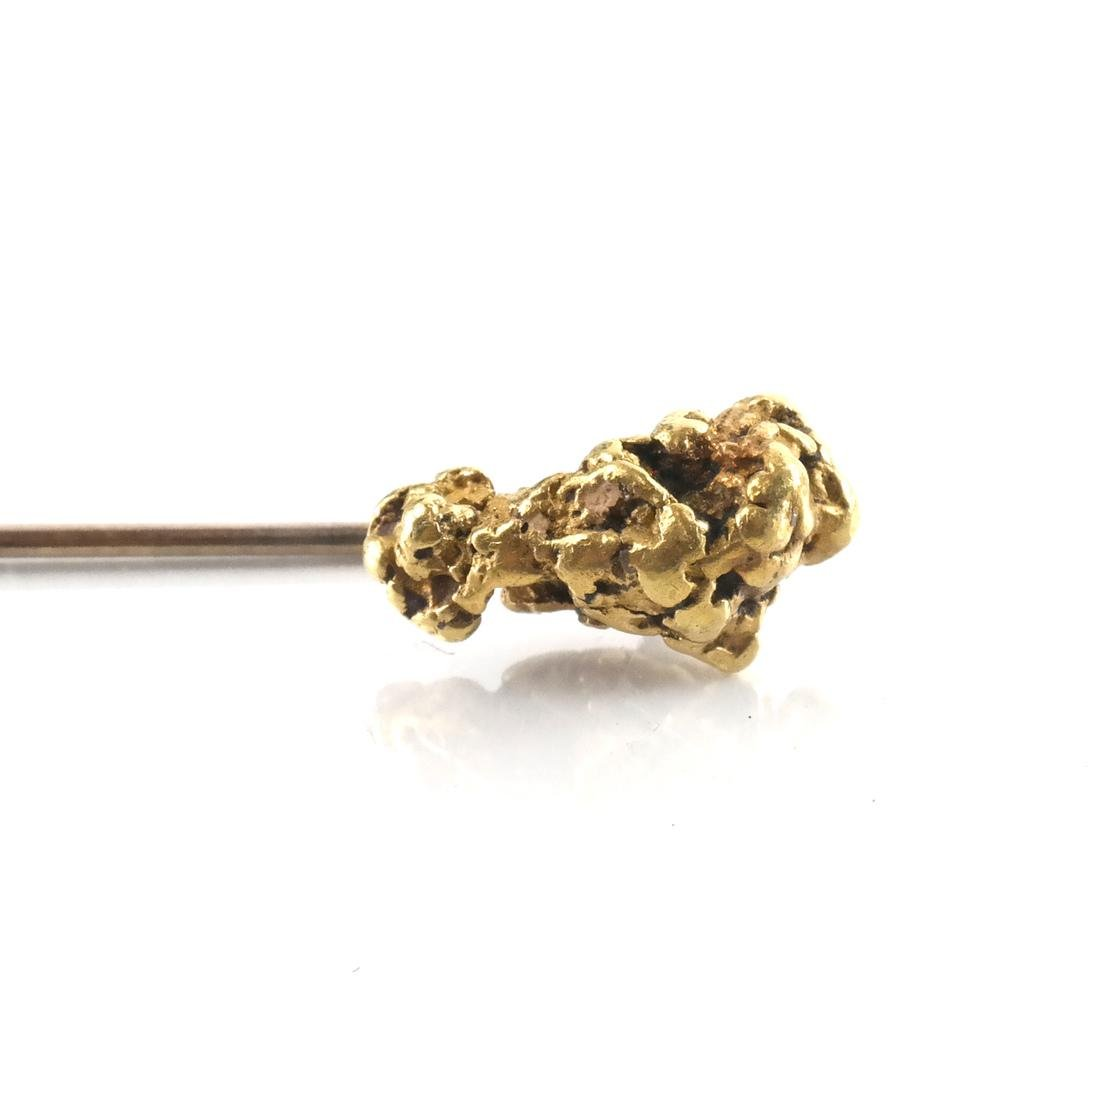 Natural High Carat Gold Nugget Stick Pin - 3